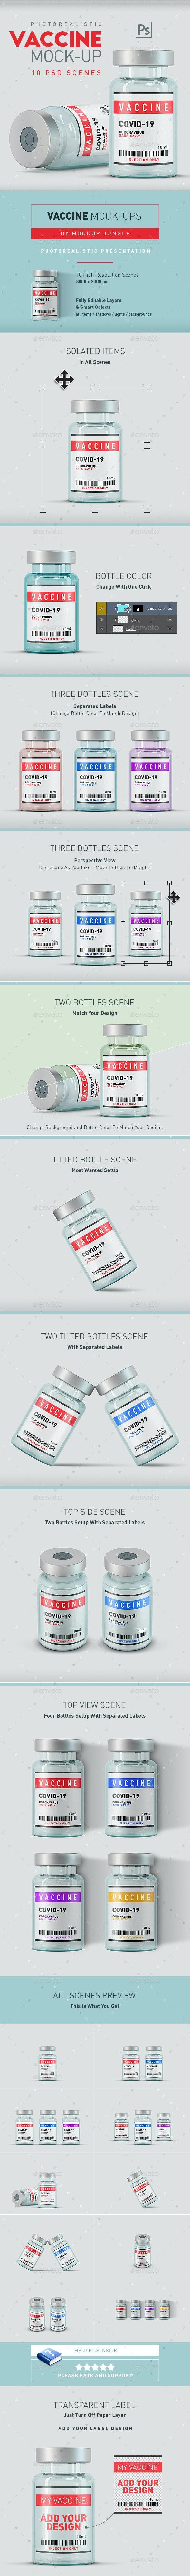 Vaccine Vial Bottles Mock-Up - 10 Scenes - Product Mock-Ups Graphics